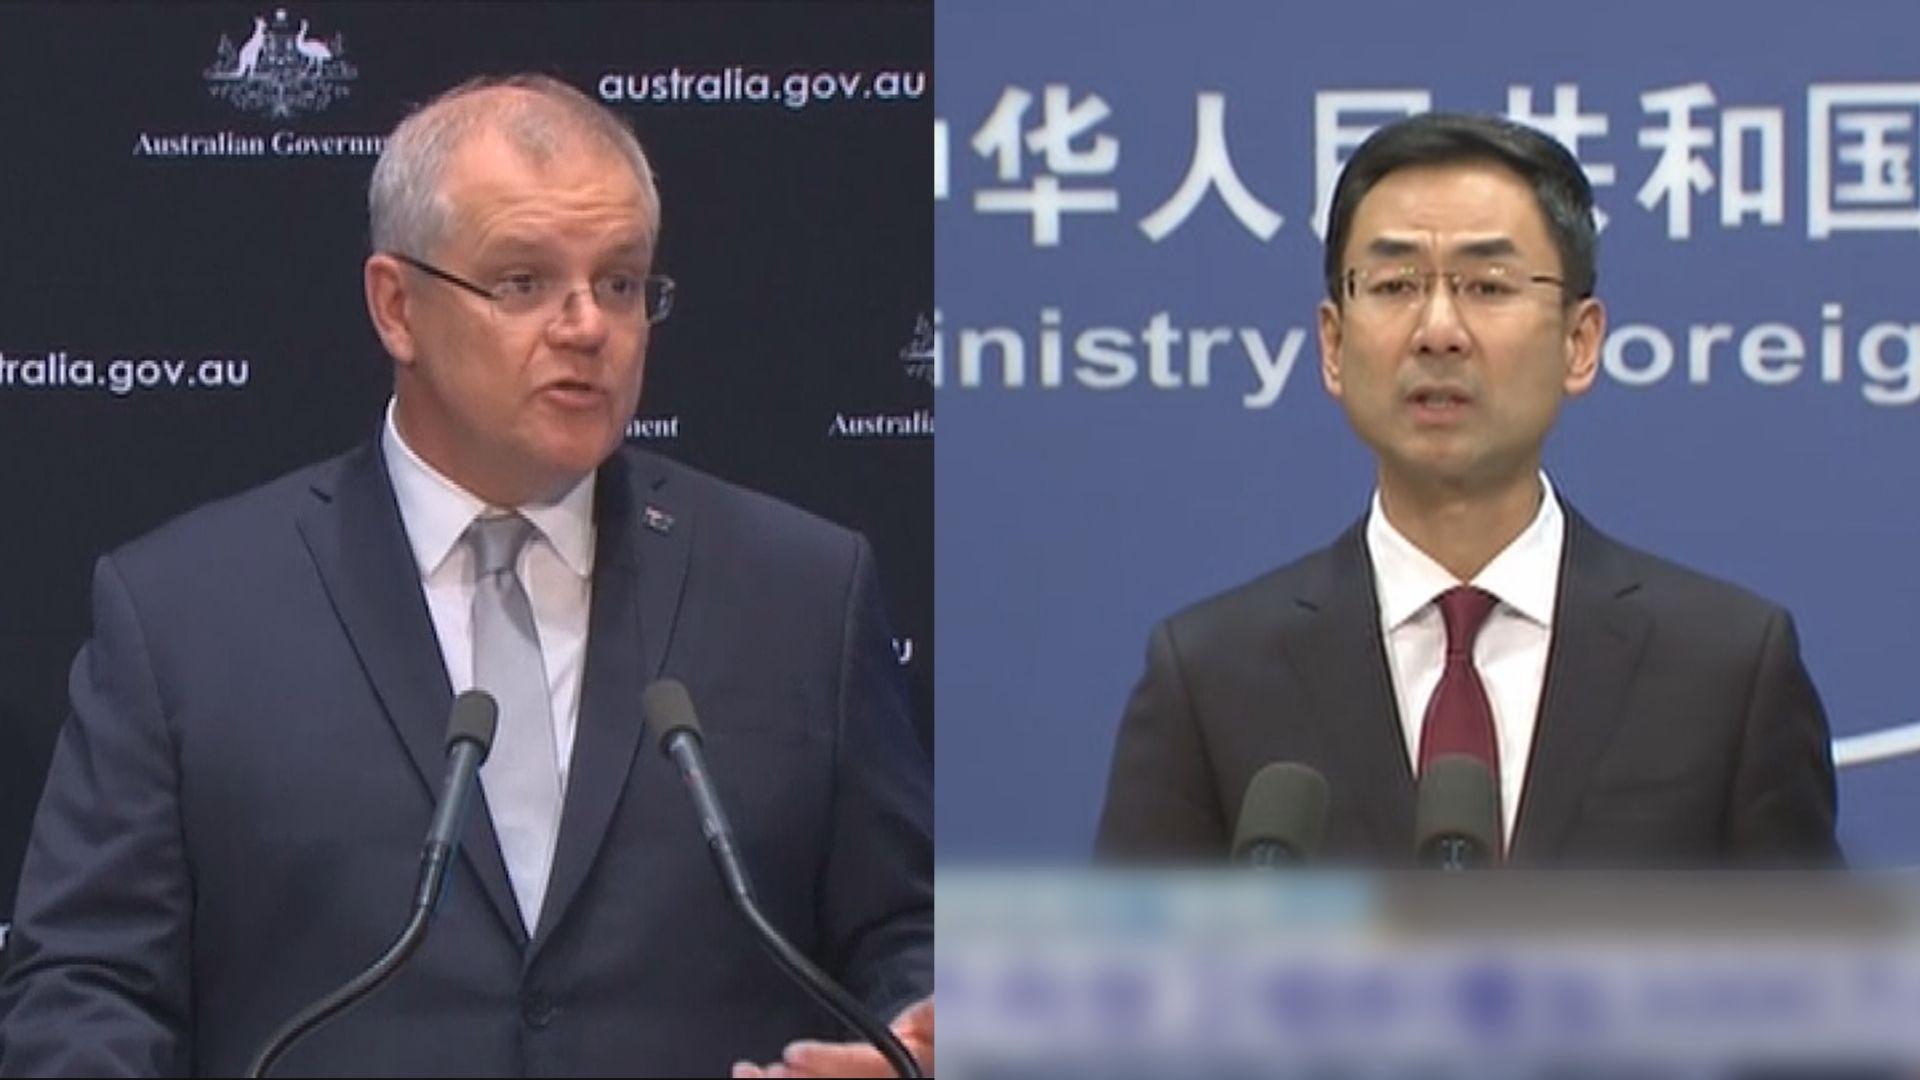 澳洲促獨立調查疫情 中方斥政治操弄